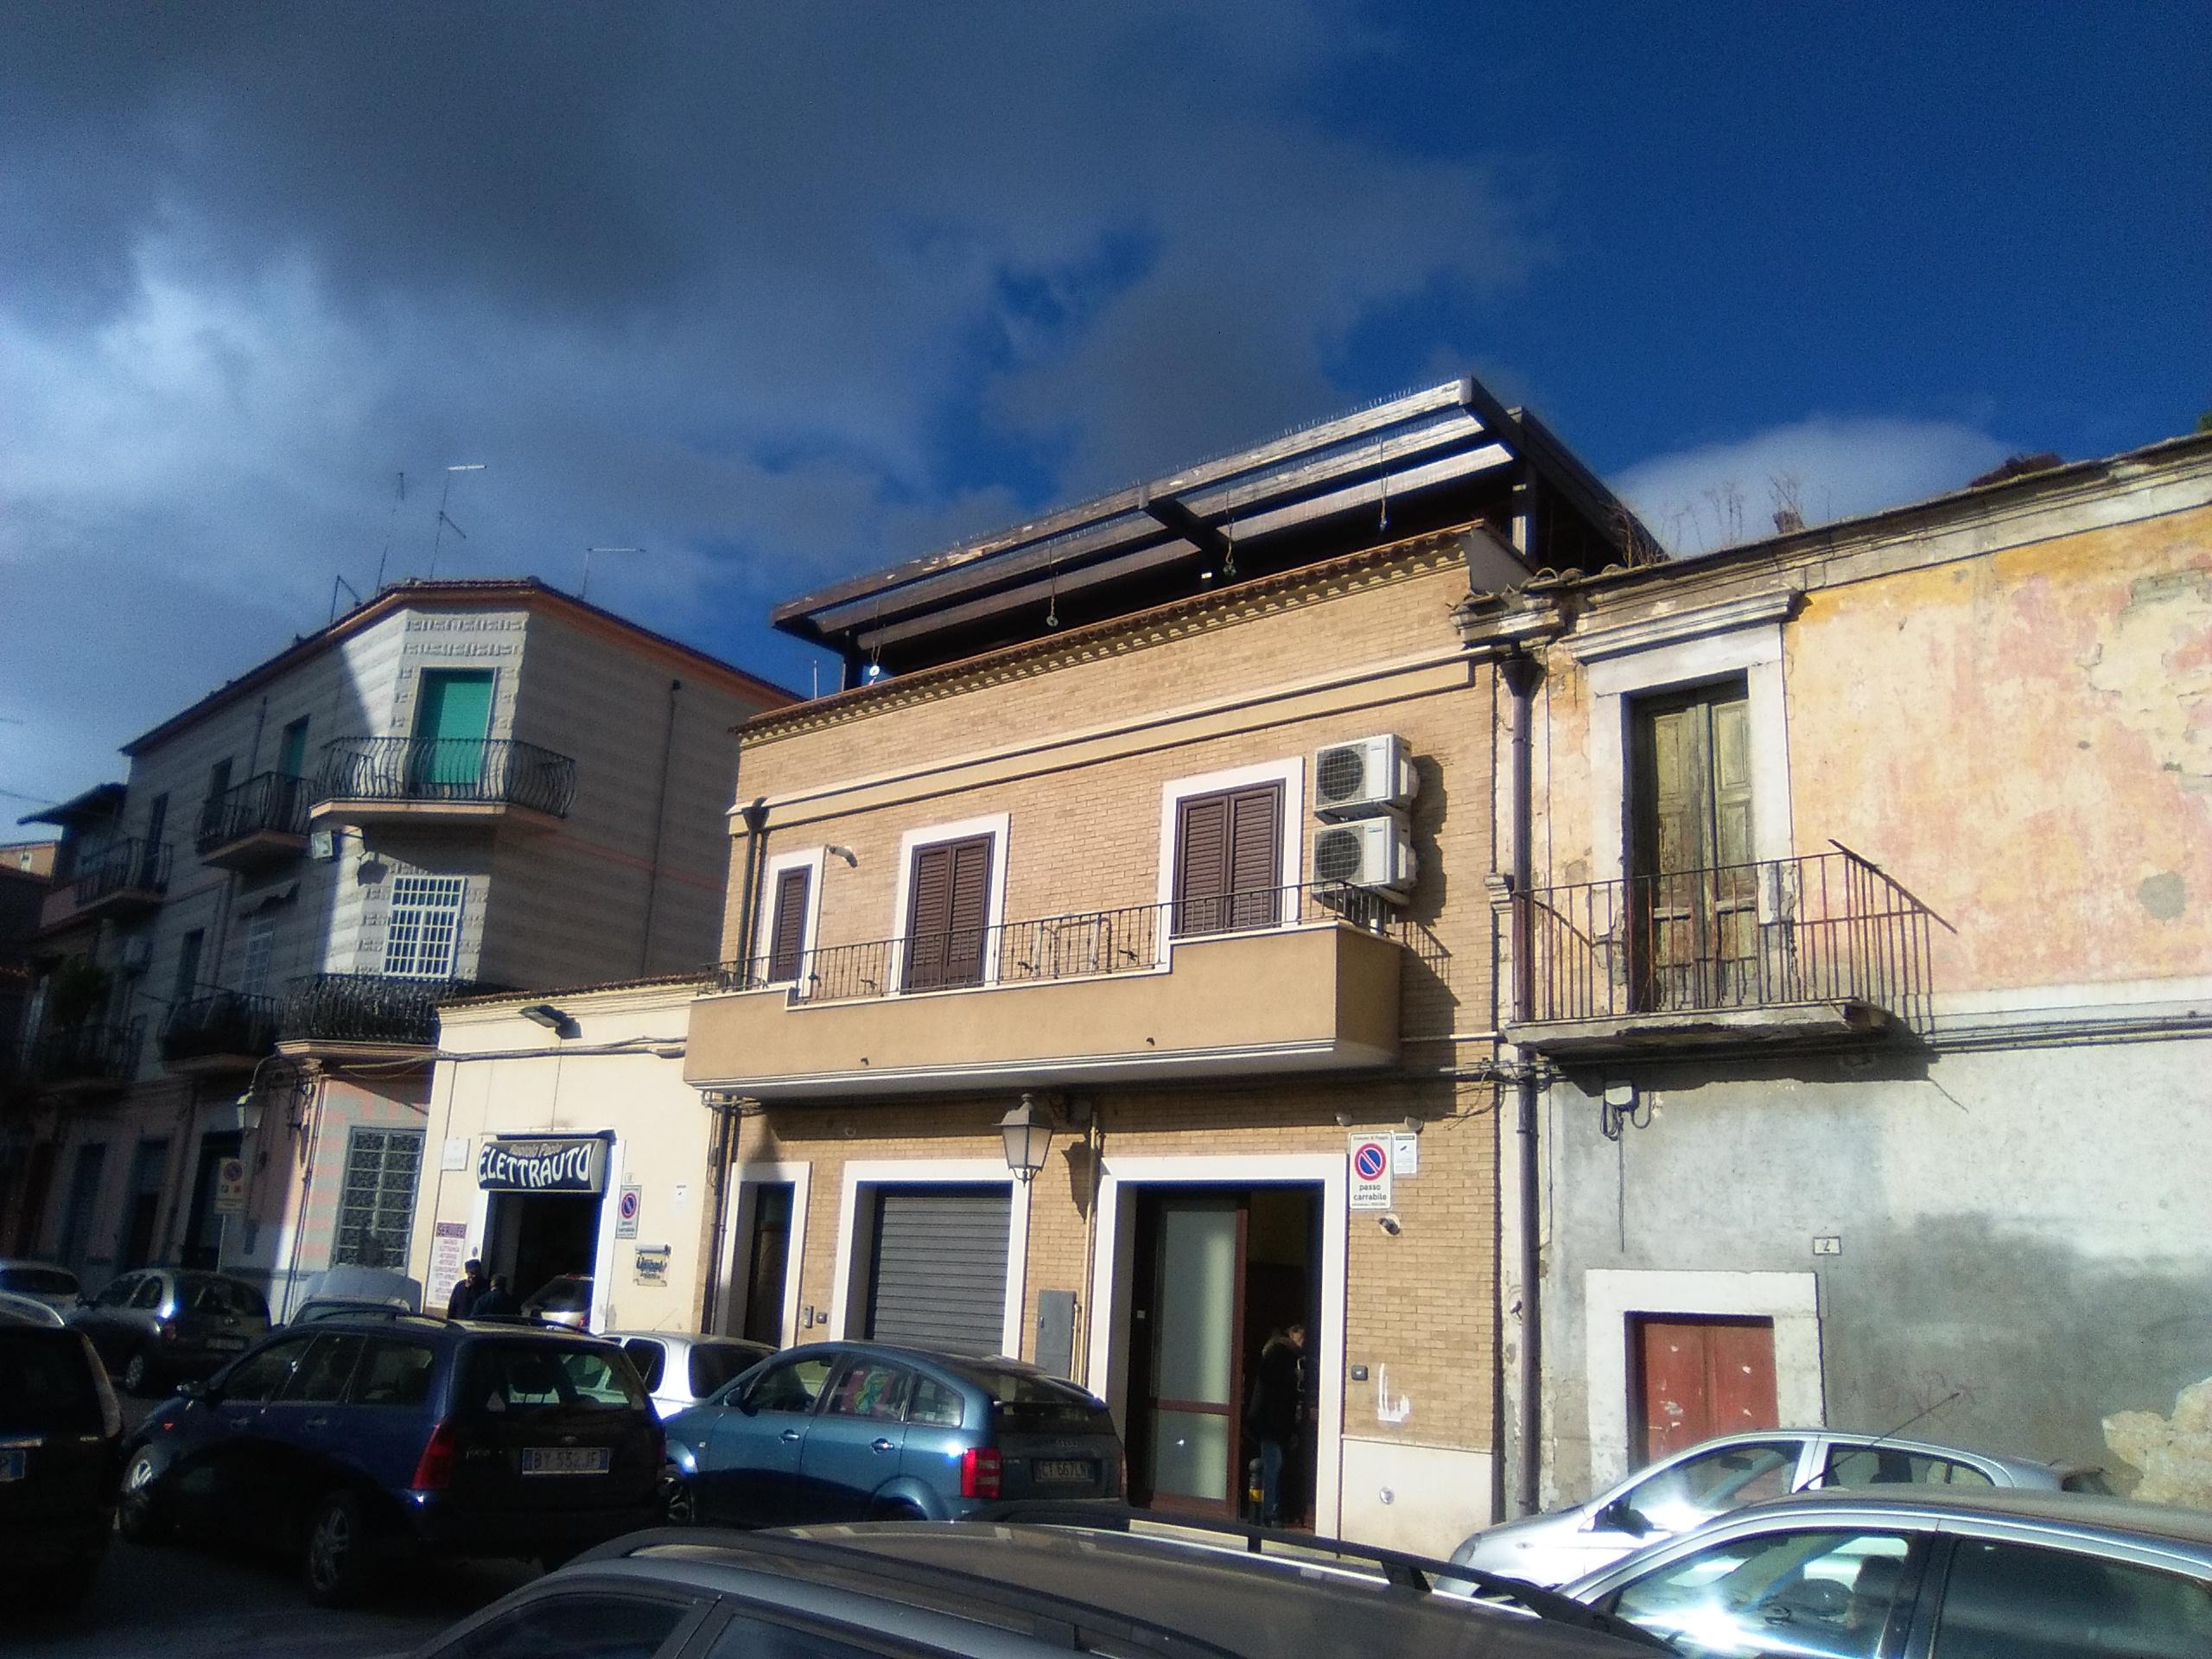 Foggia appartamenti in vendita-Via Manzoni appartamento con locali pianoterra